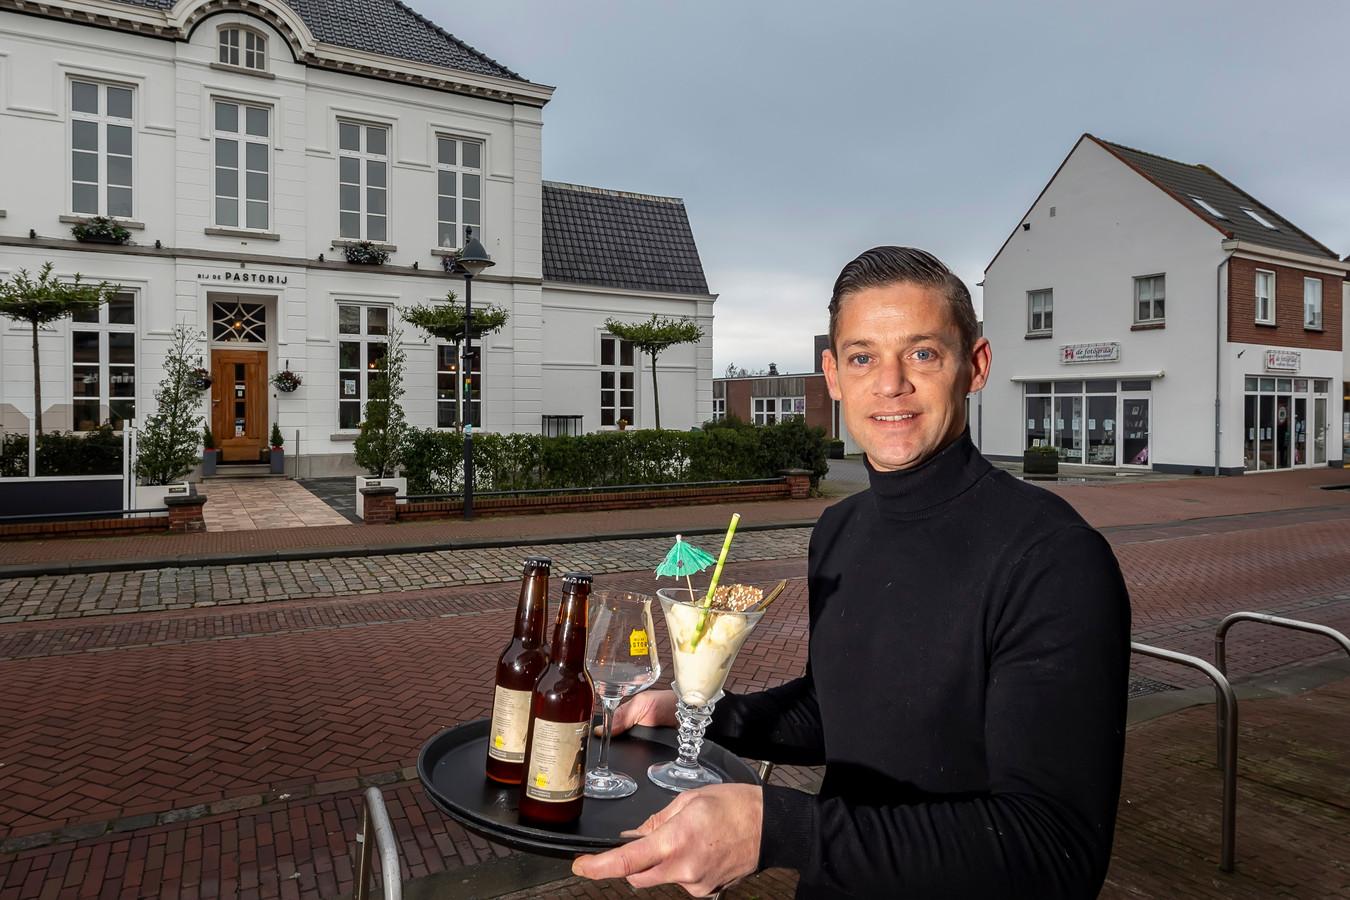 Ruud de Weert runt restaurant Bij de Pastorij in de Raadhuisstraat in Hoogerheide. In april begint hij in het pand naast hem, waar nu nog een fotozaak in zit, met ijssalon Pastorijs.